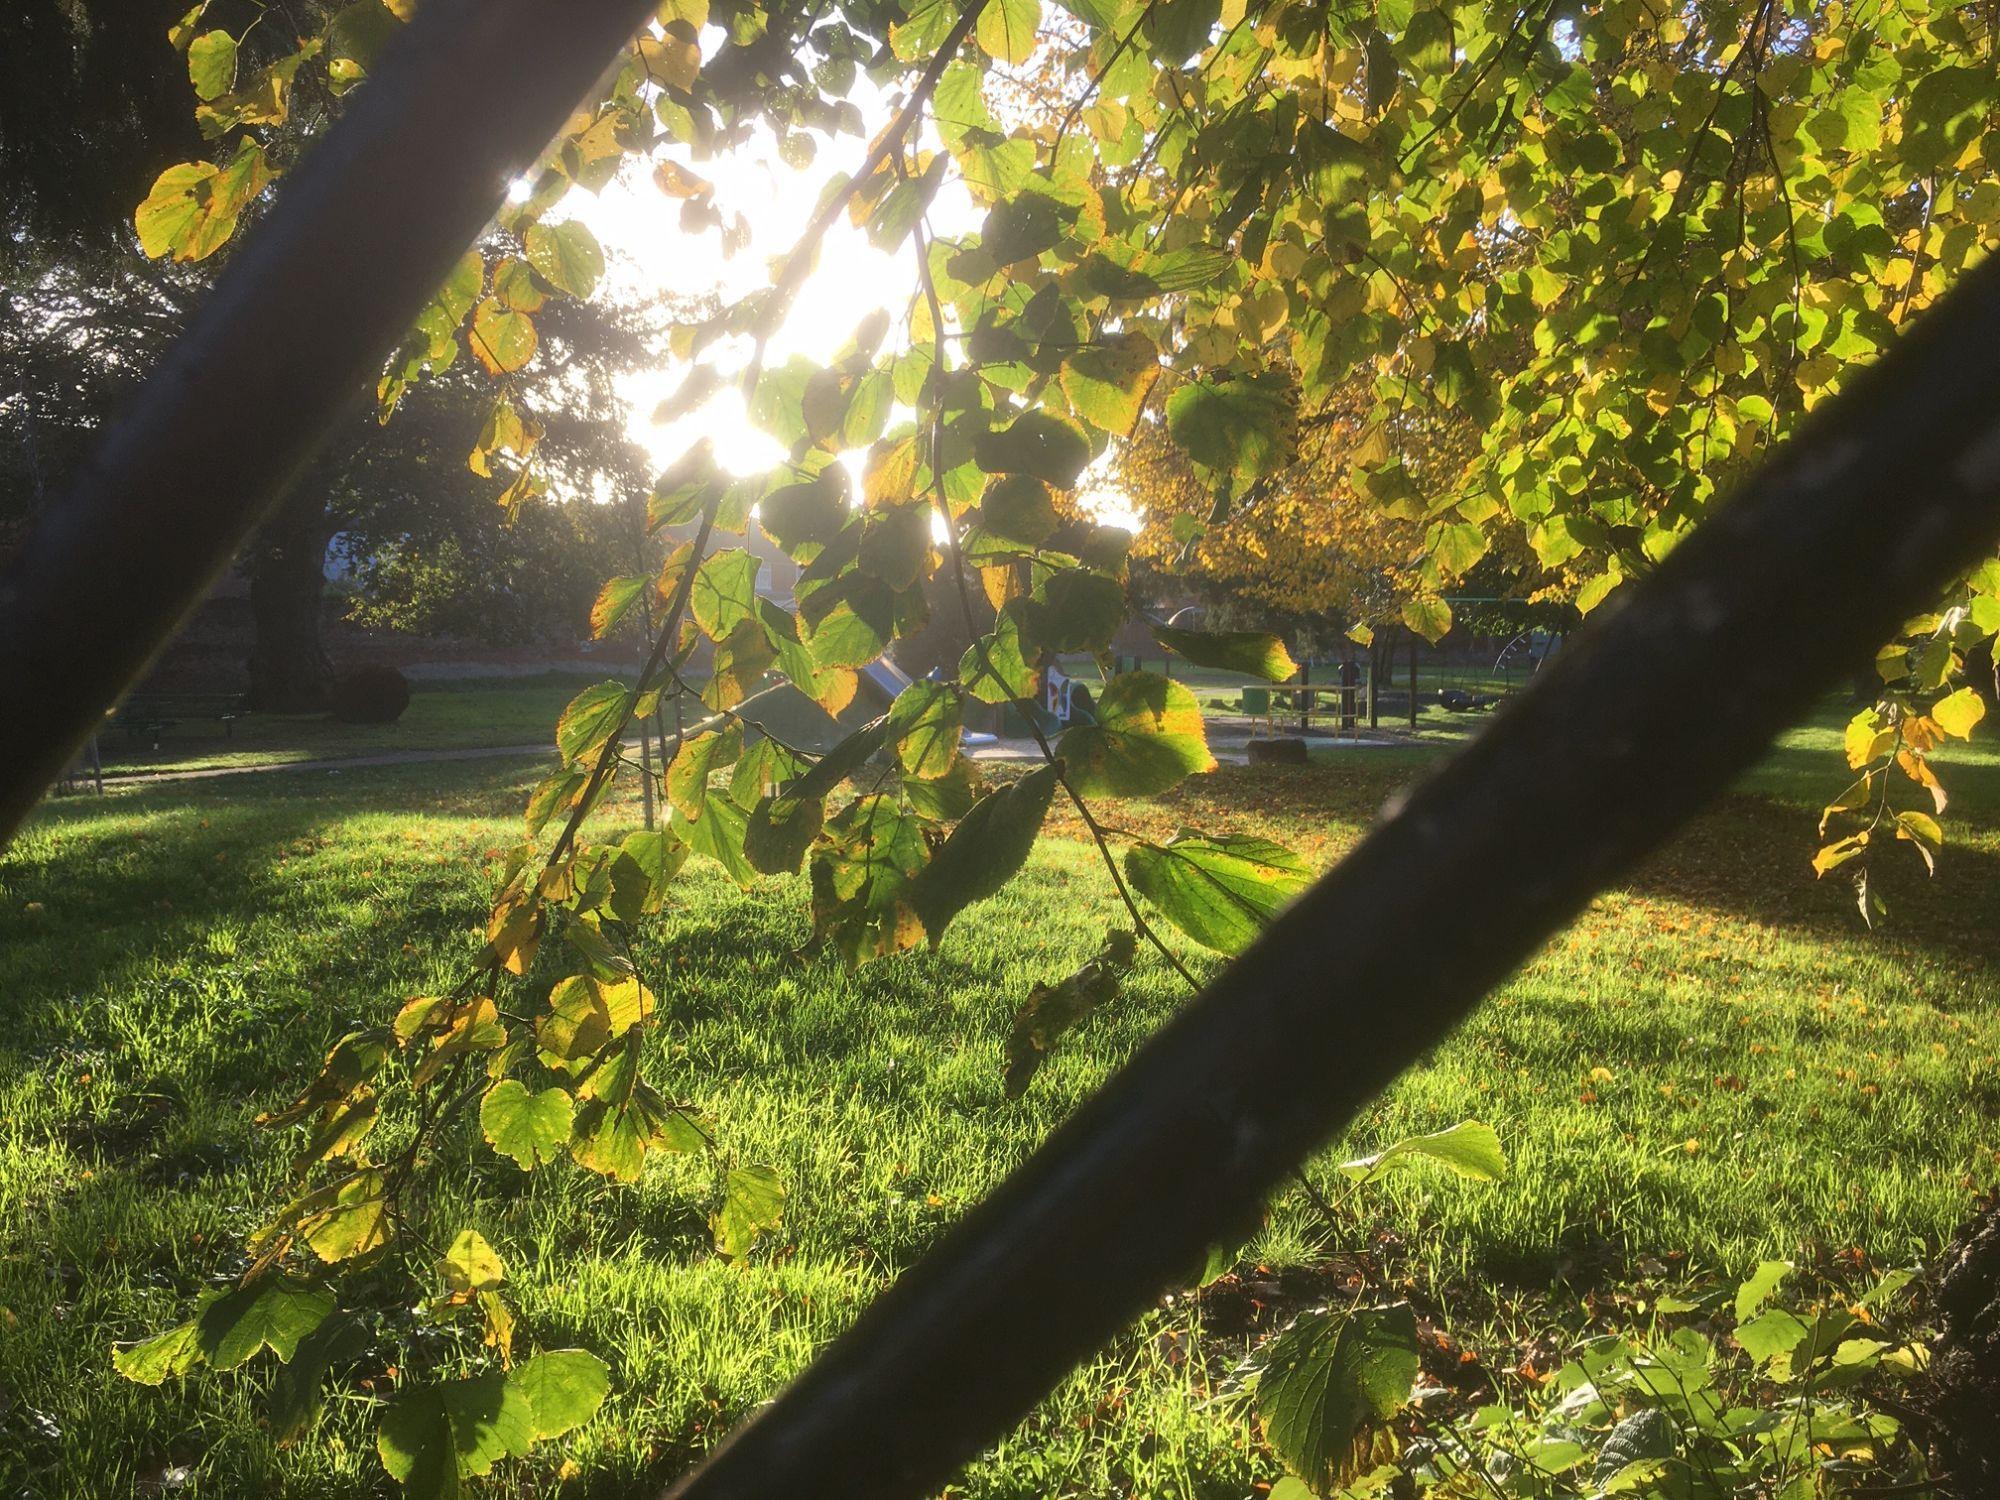 Trees in Wincheap